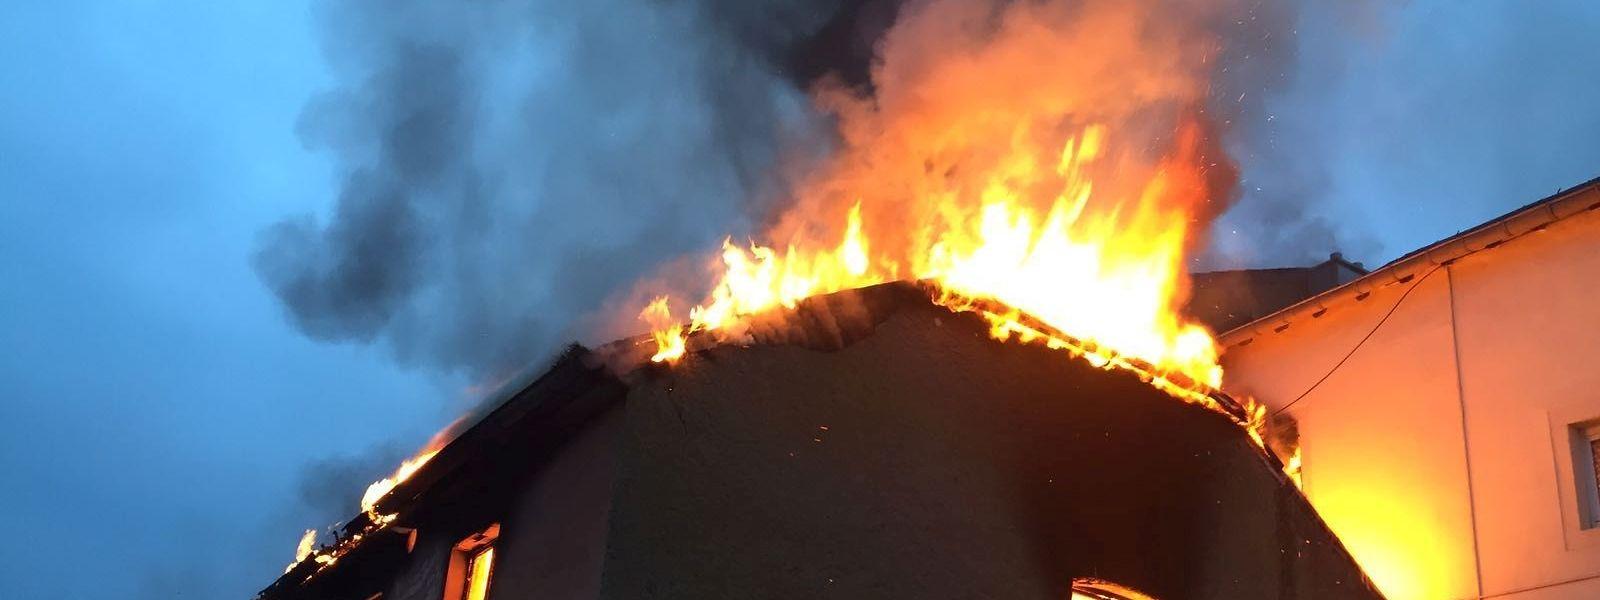 Beim Eintreffen der Rettungskräfte stand das Dach eines angrenzenden Gebäudes lichterloh in Flammen.